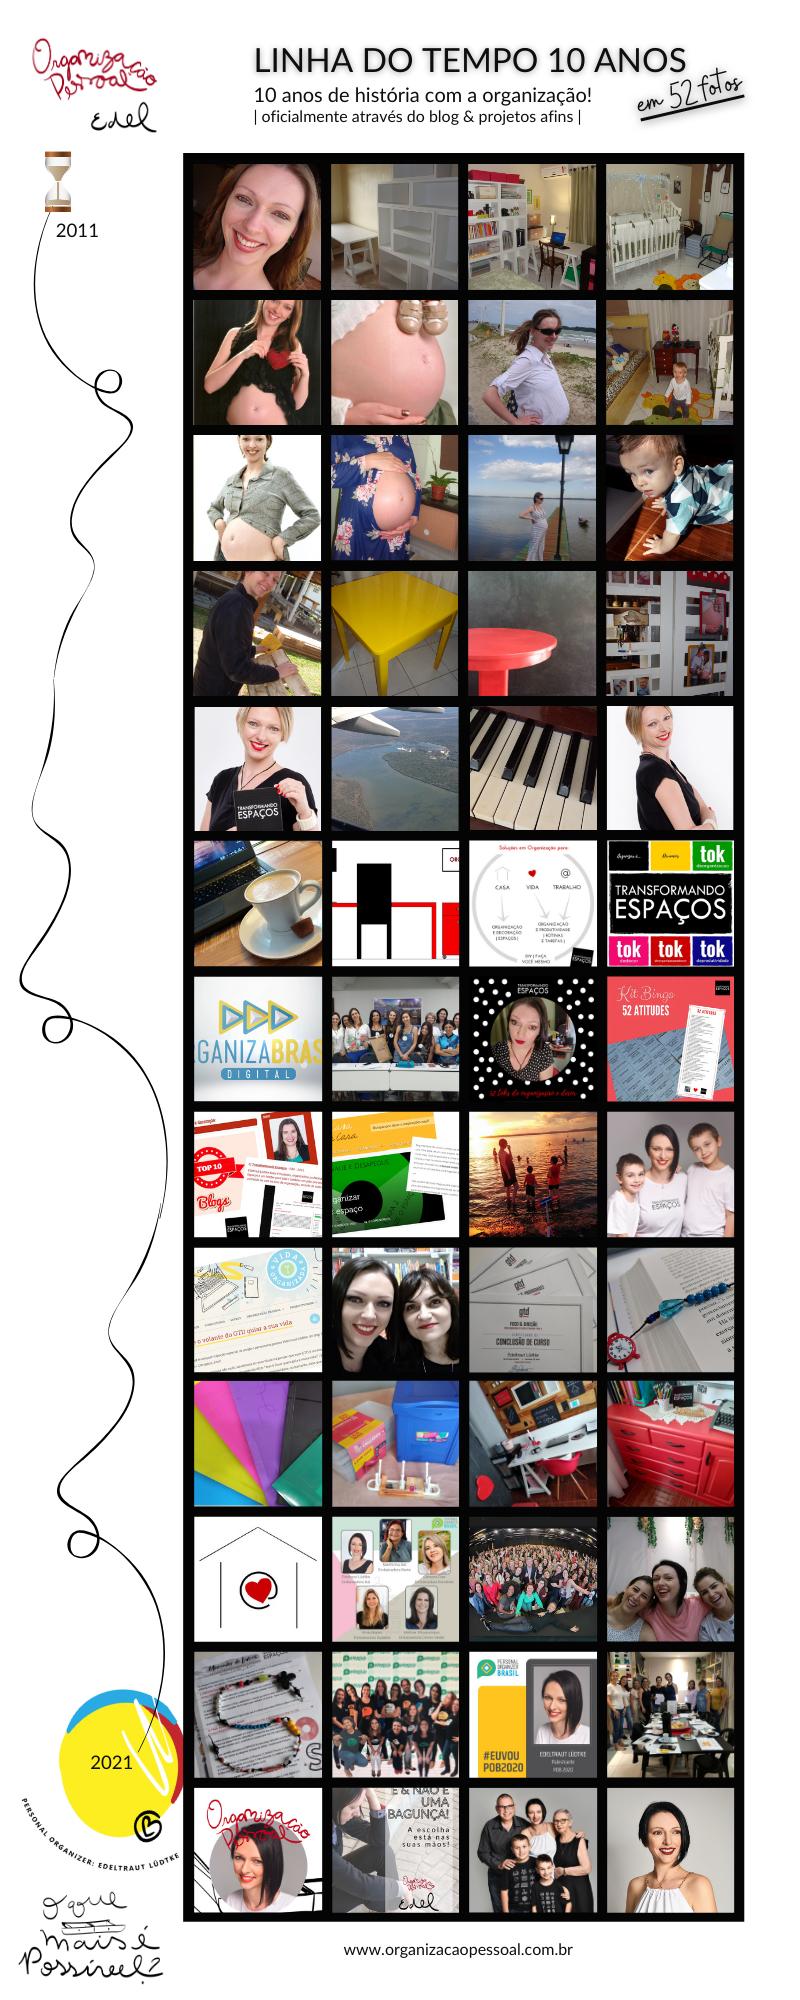 Infográfico: Linha do Tempo 10 anos de história do Organização Pessoal em 52 fotos!